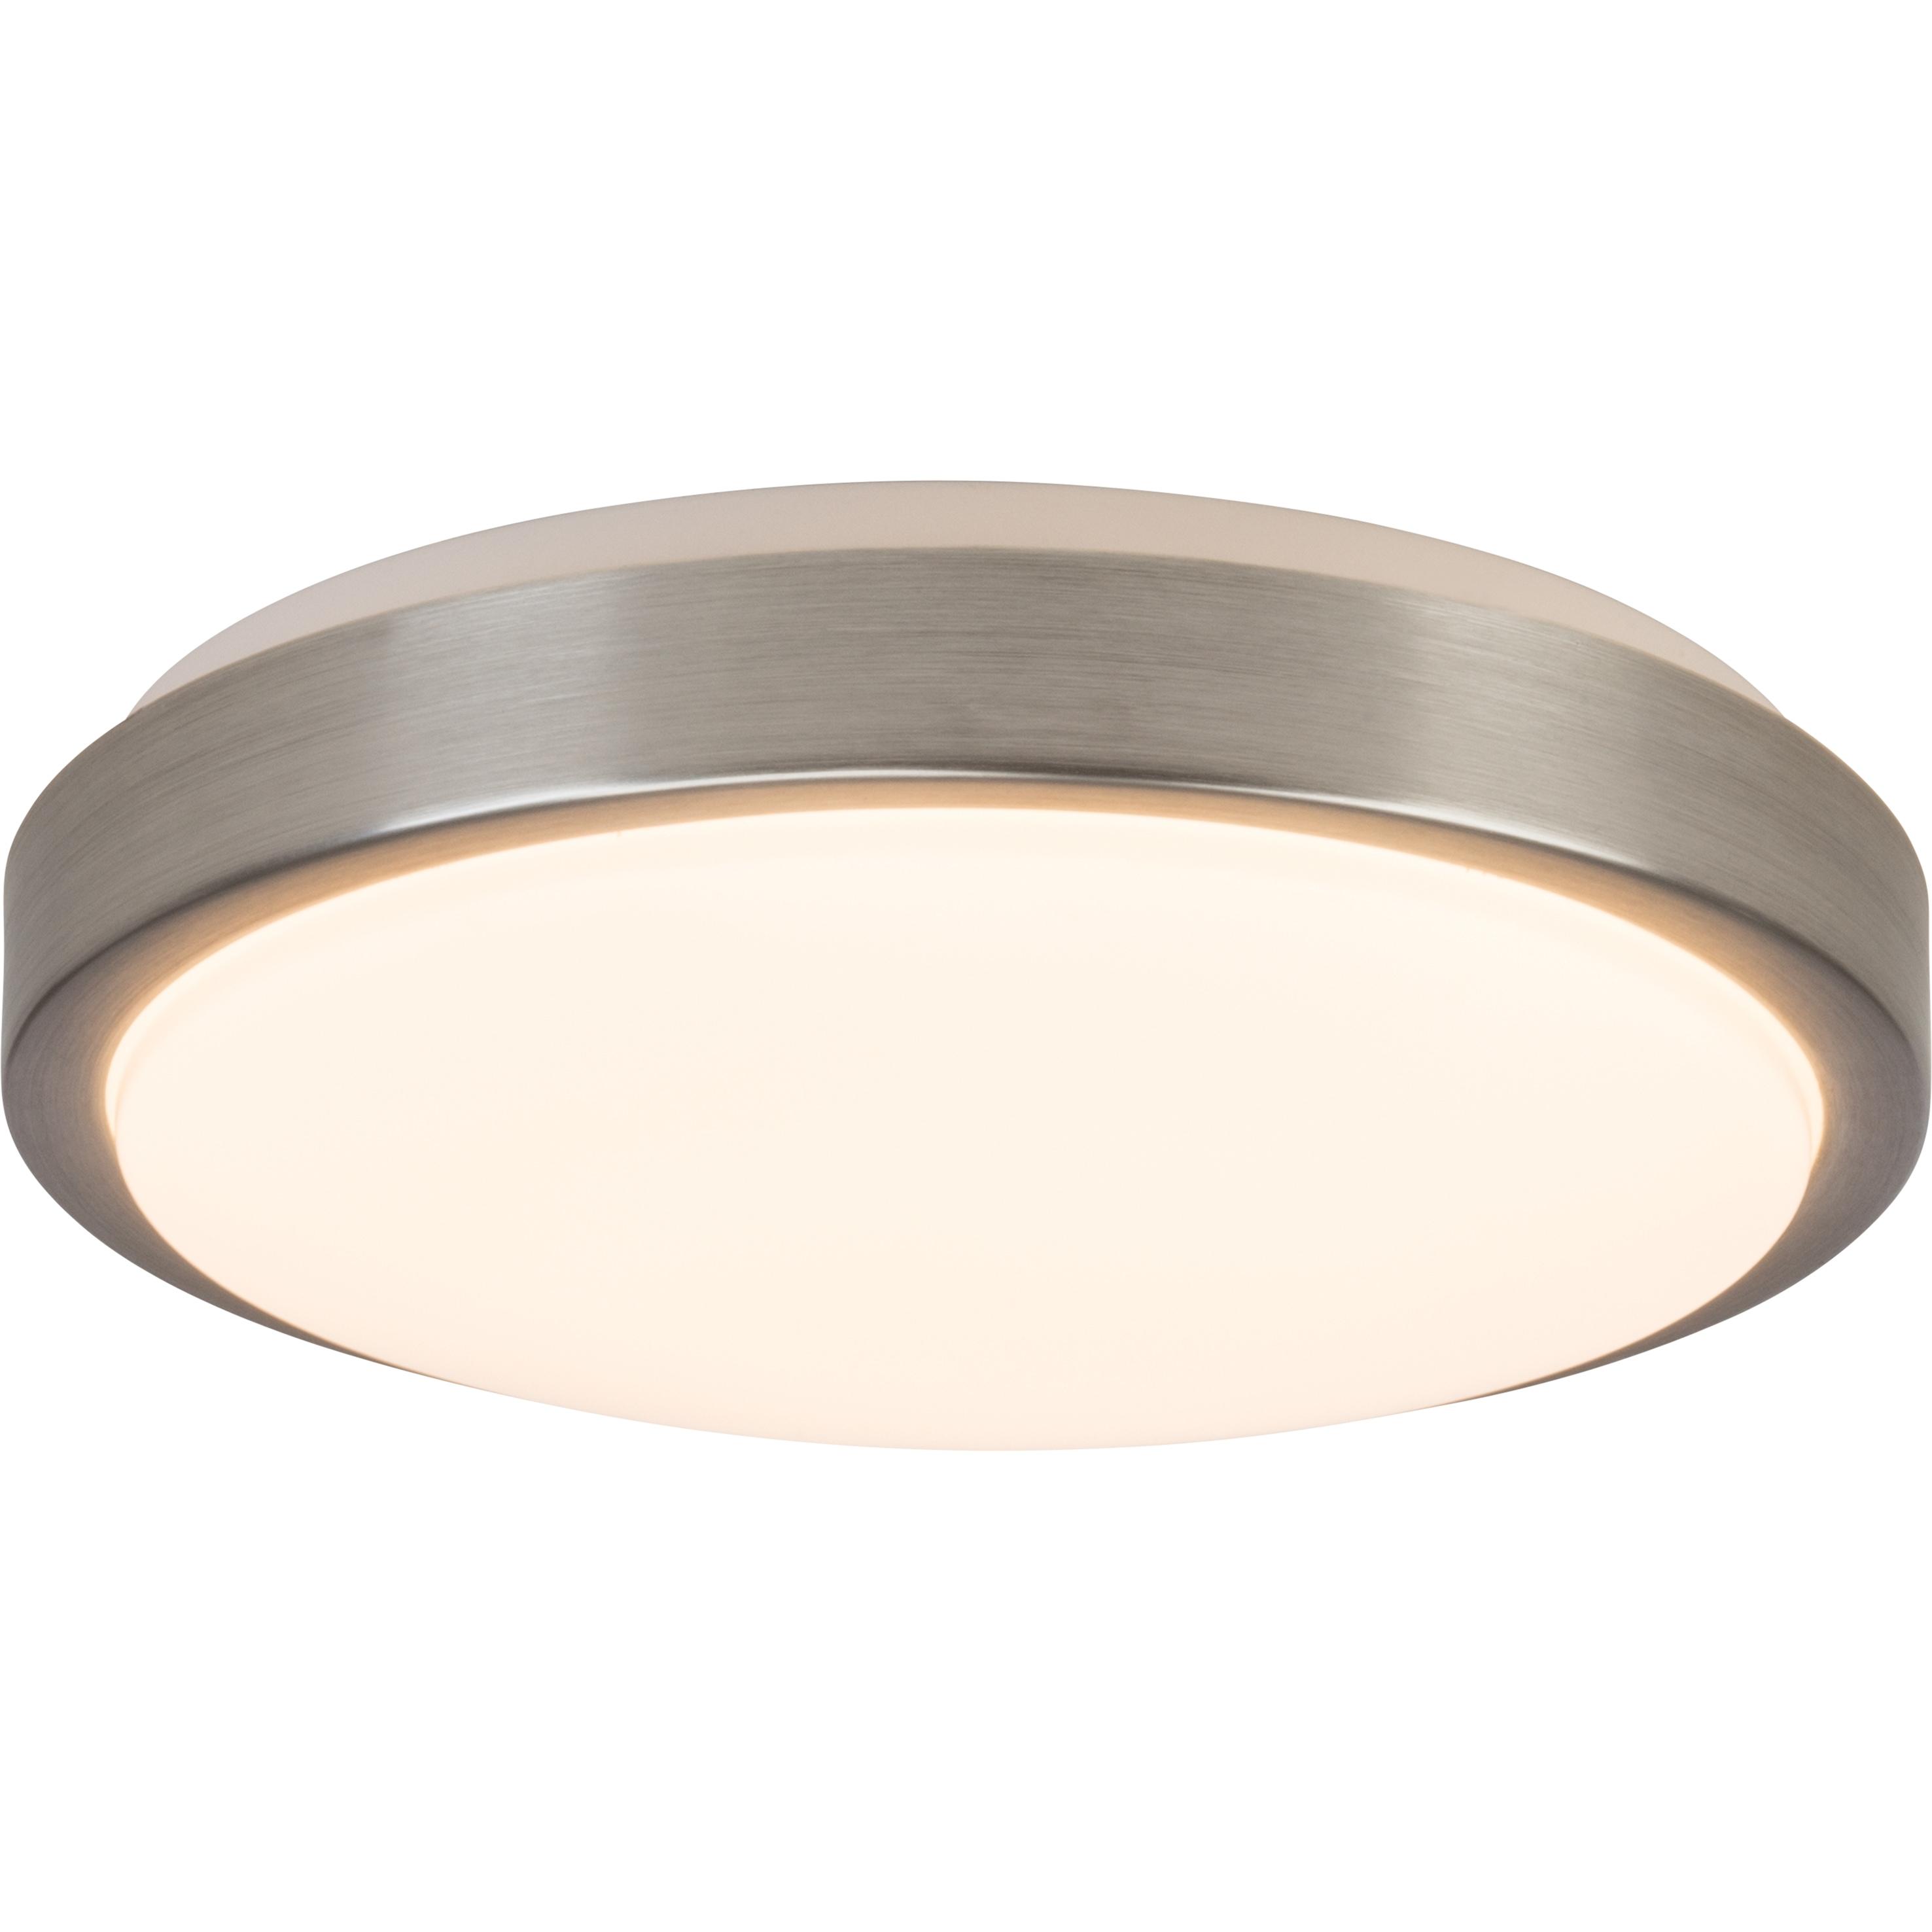 BreLight Livius LED Wand- und Deckenleuchte 30cm nickel/alu/weiß